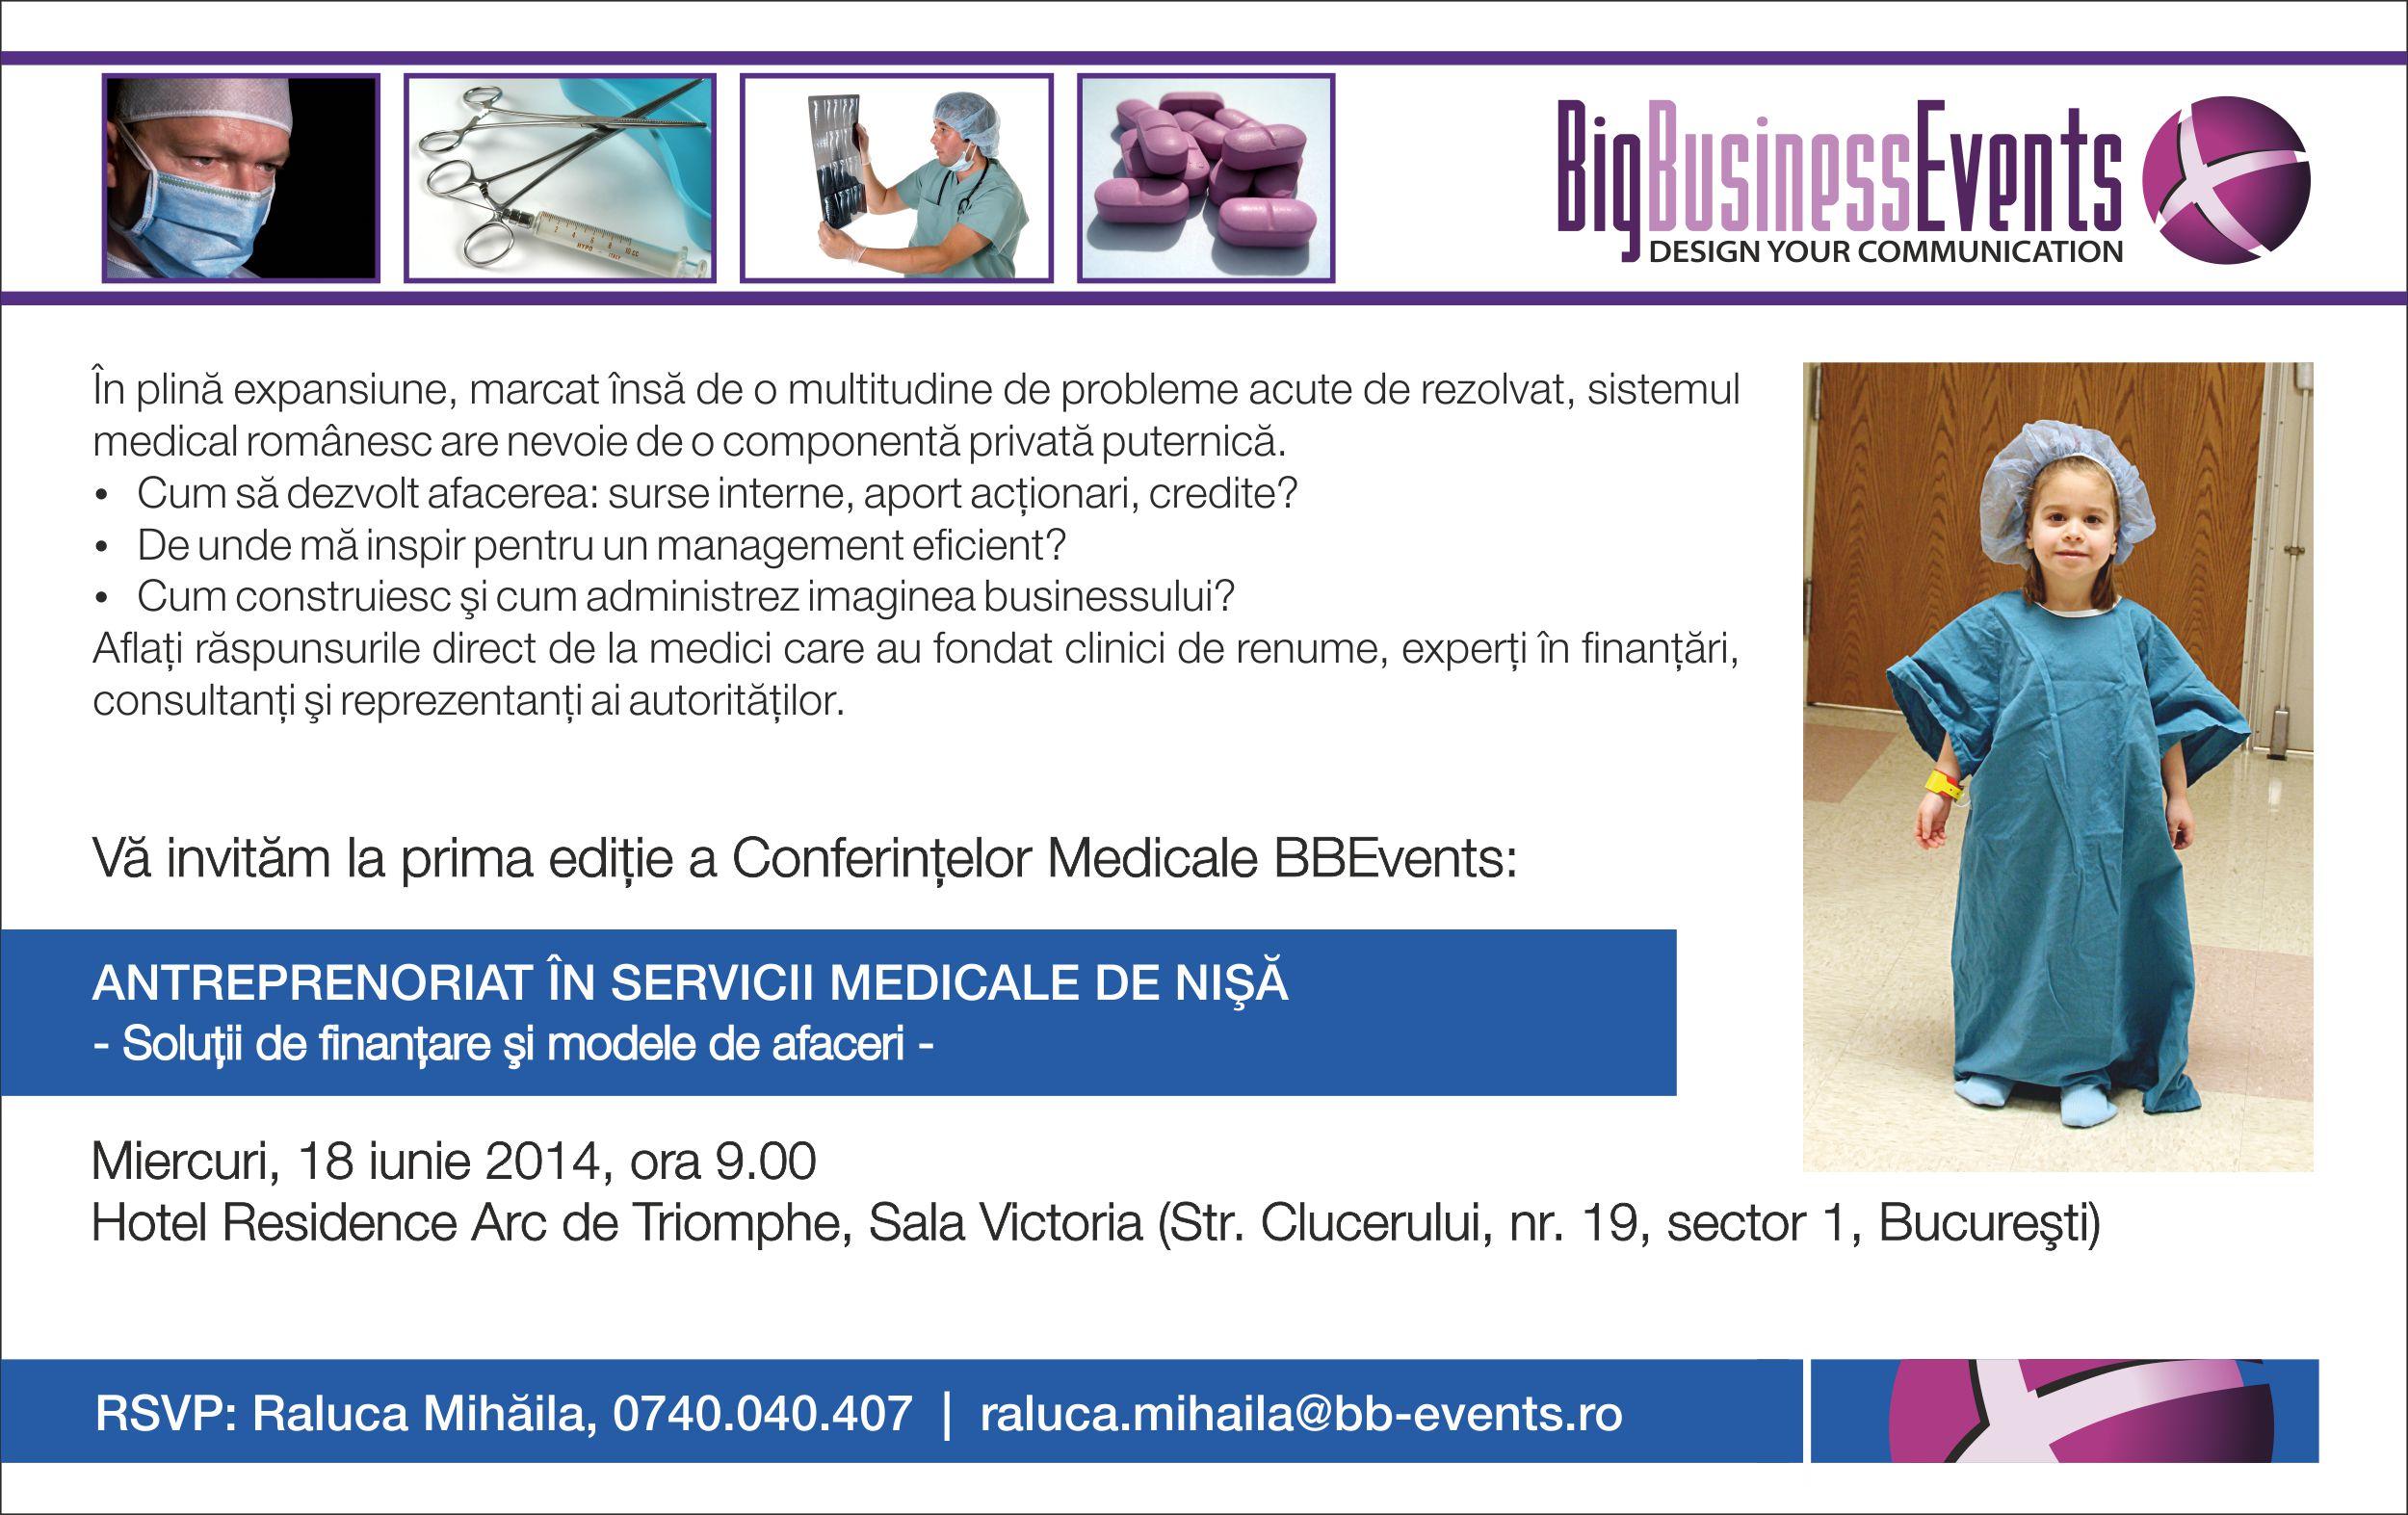 Invitatie BBEvents Antreprenoriat Servicii Medicale - 18.06.2014